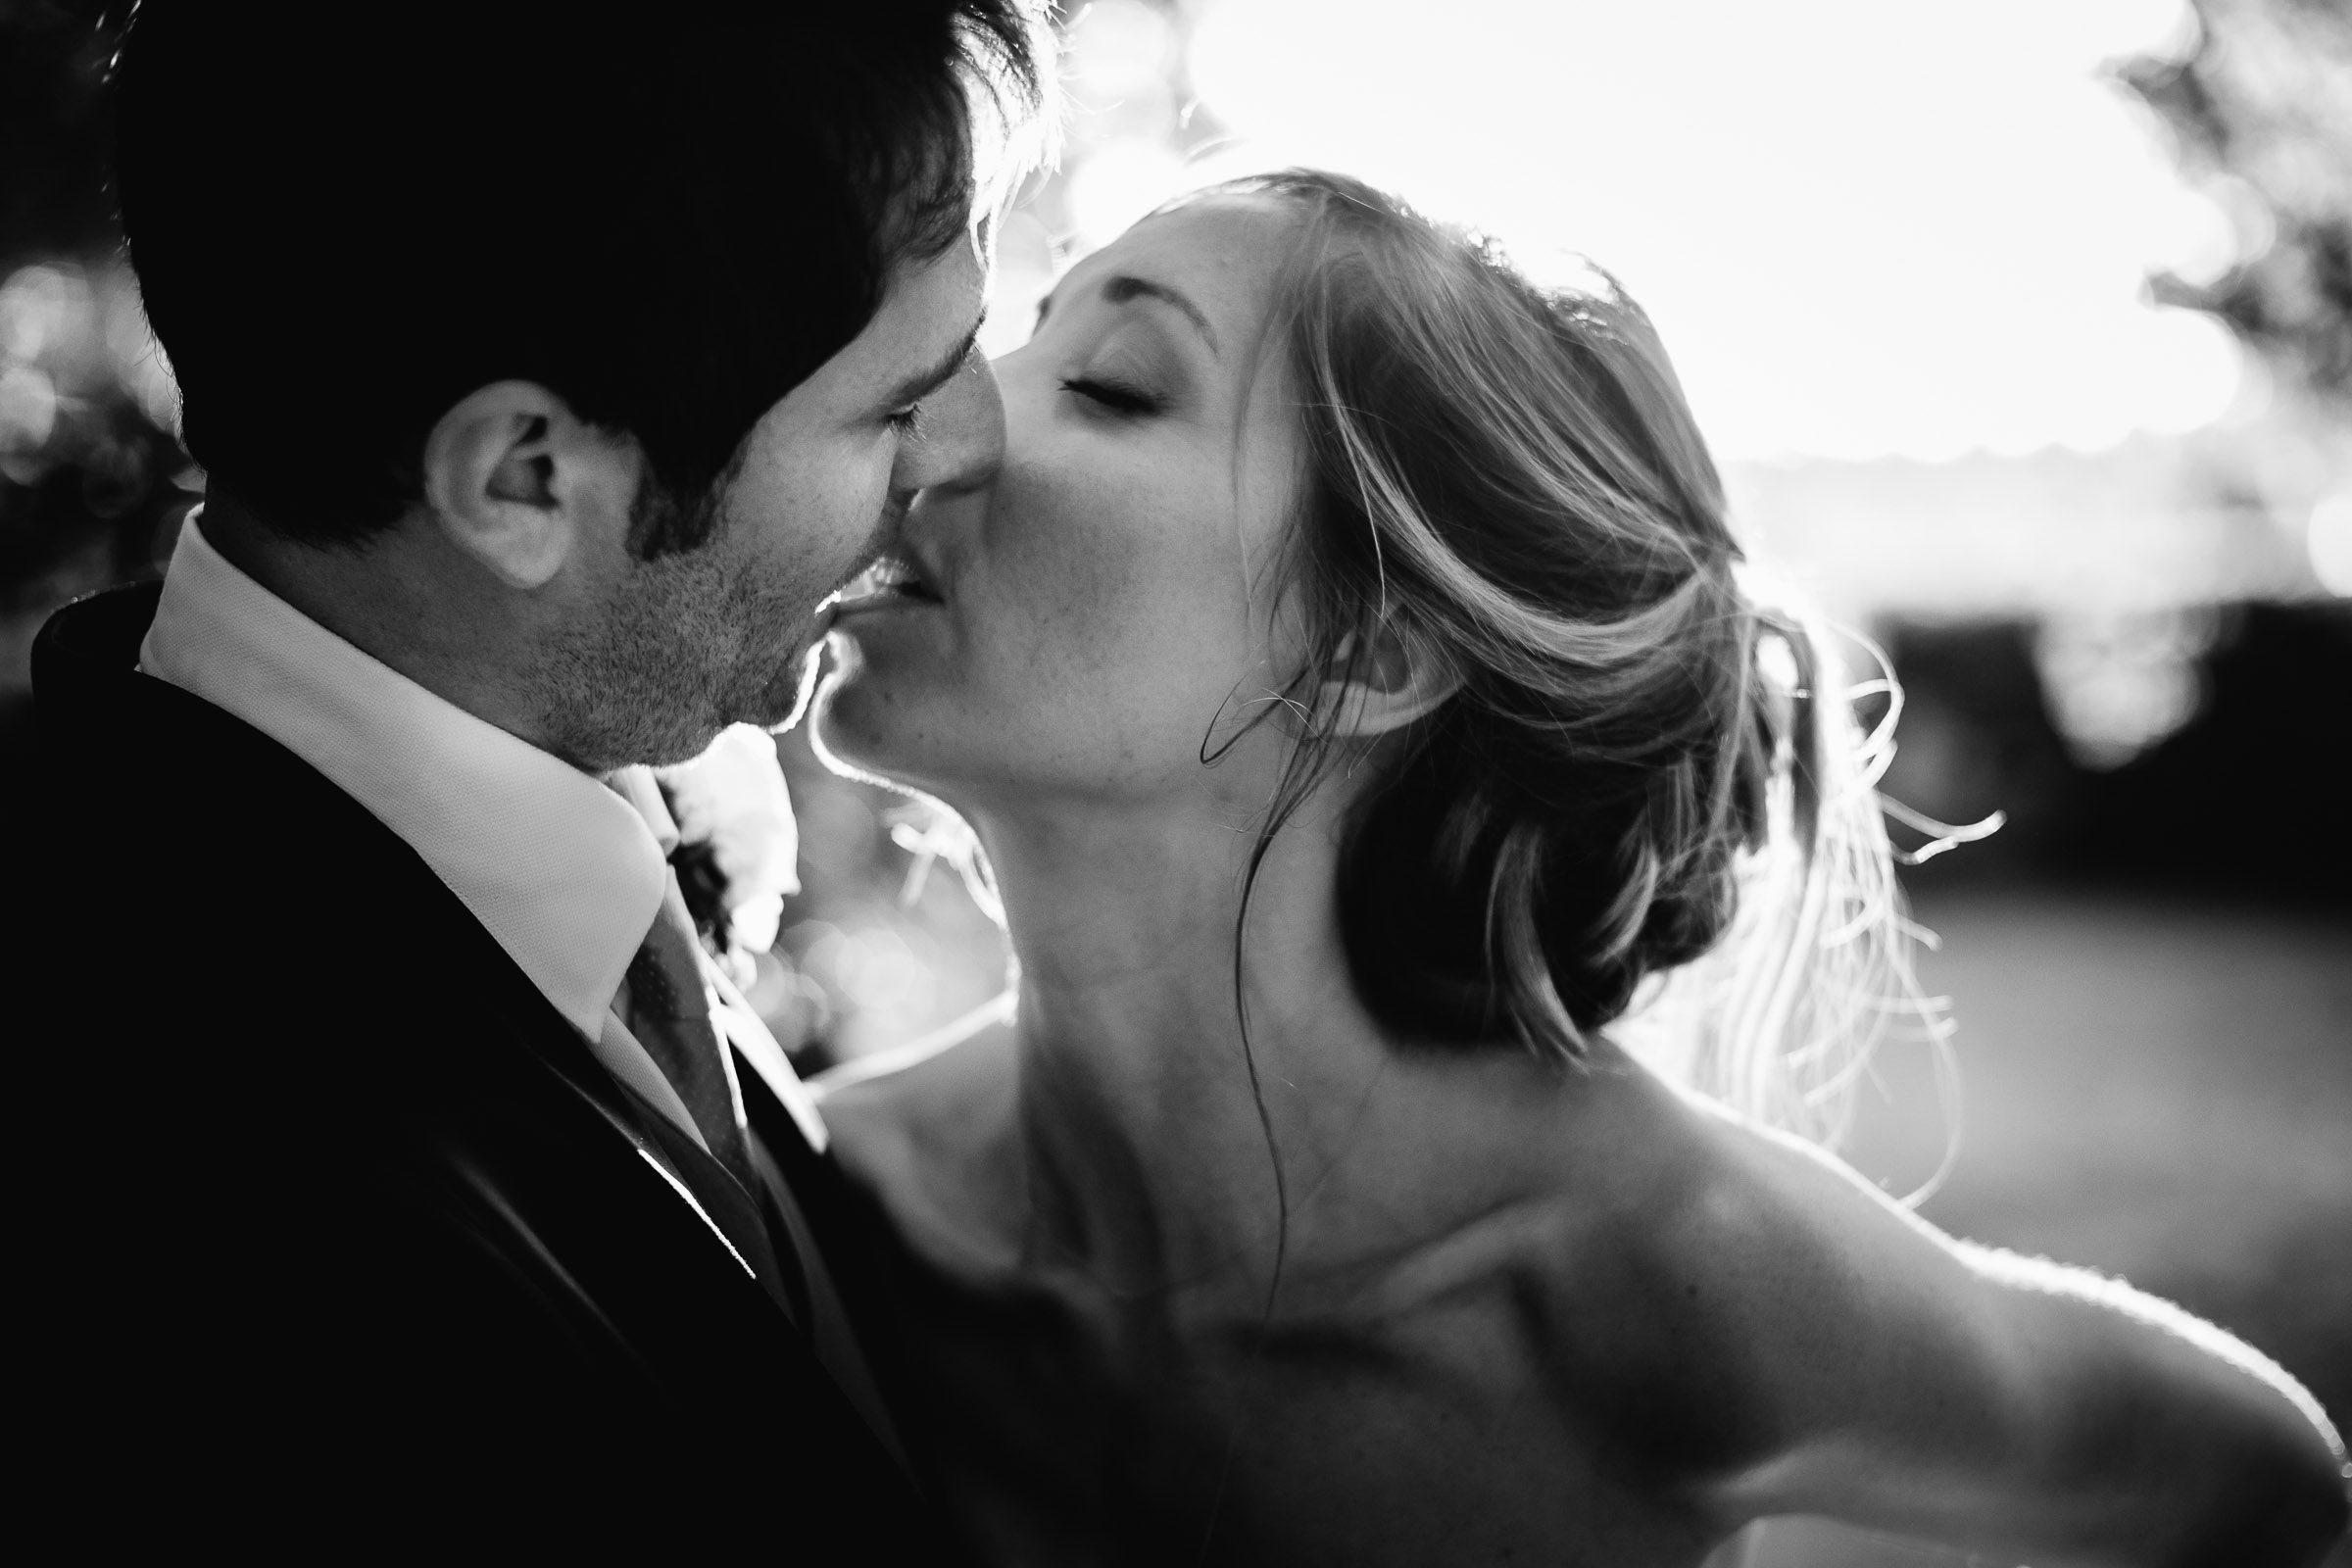 Fotografo di Matrimonio a Lecco: Fotografo professionista specializzato in reportage di matrimonio e ritratti | Max Allegritti